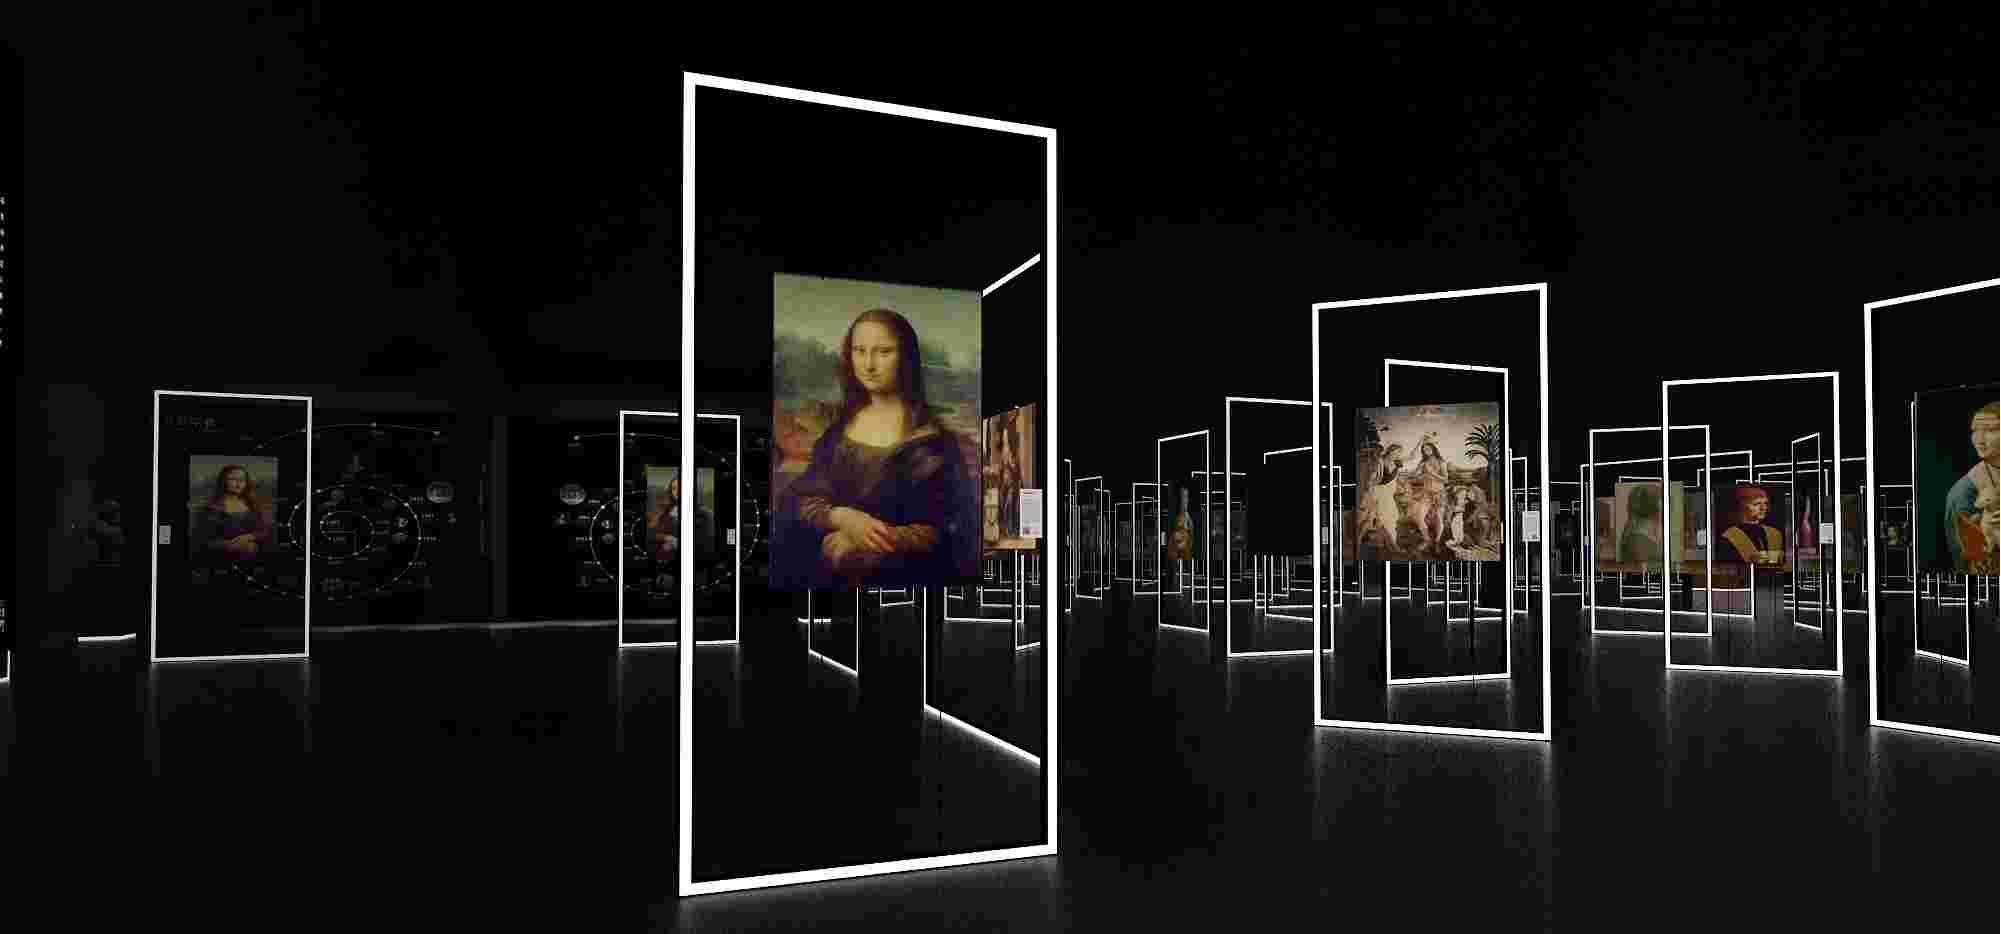 达芬奇油画作品高清影像(图片来源:主办方提供)